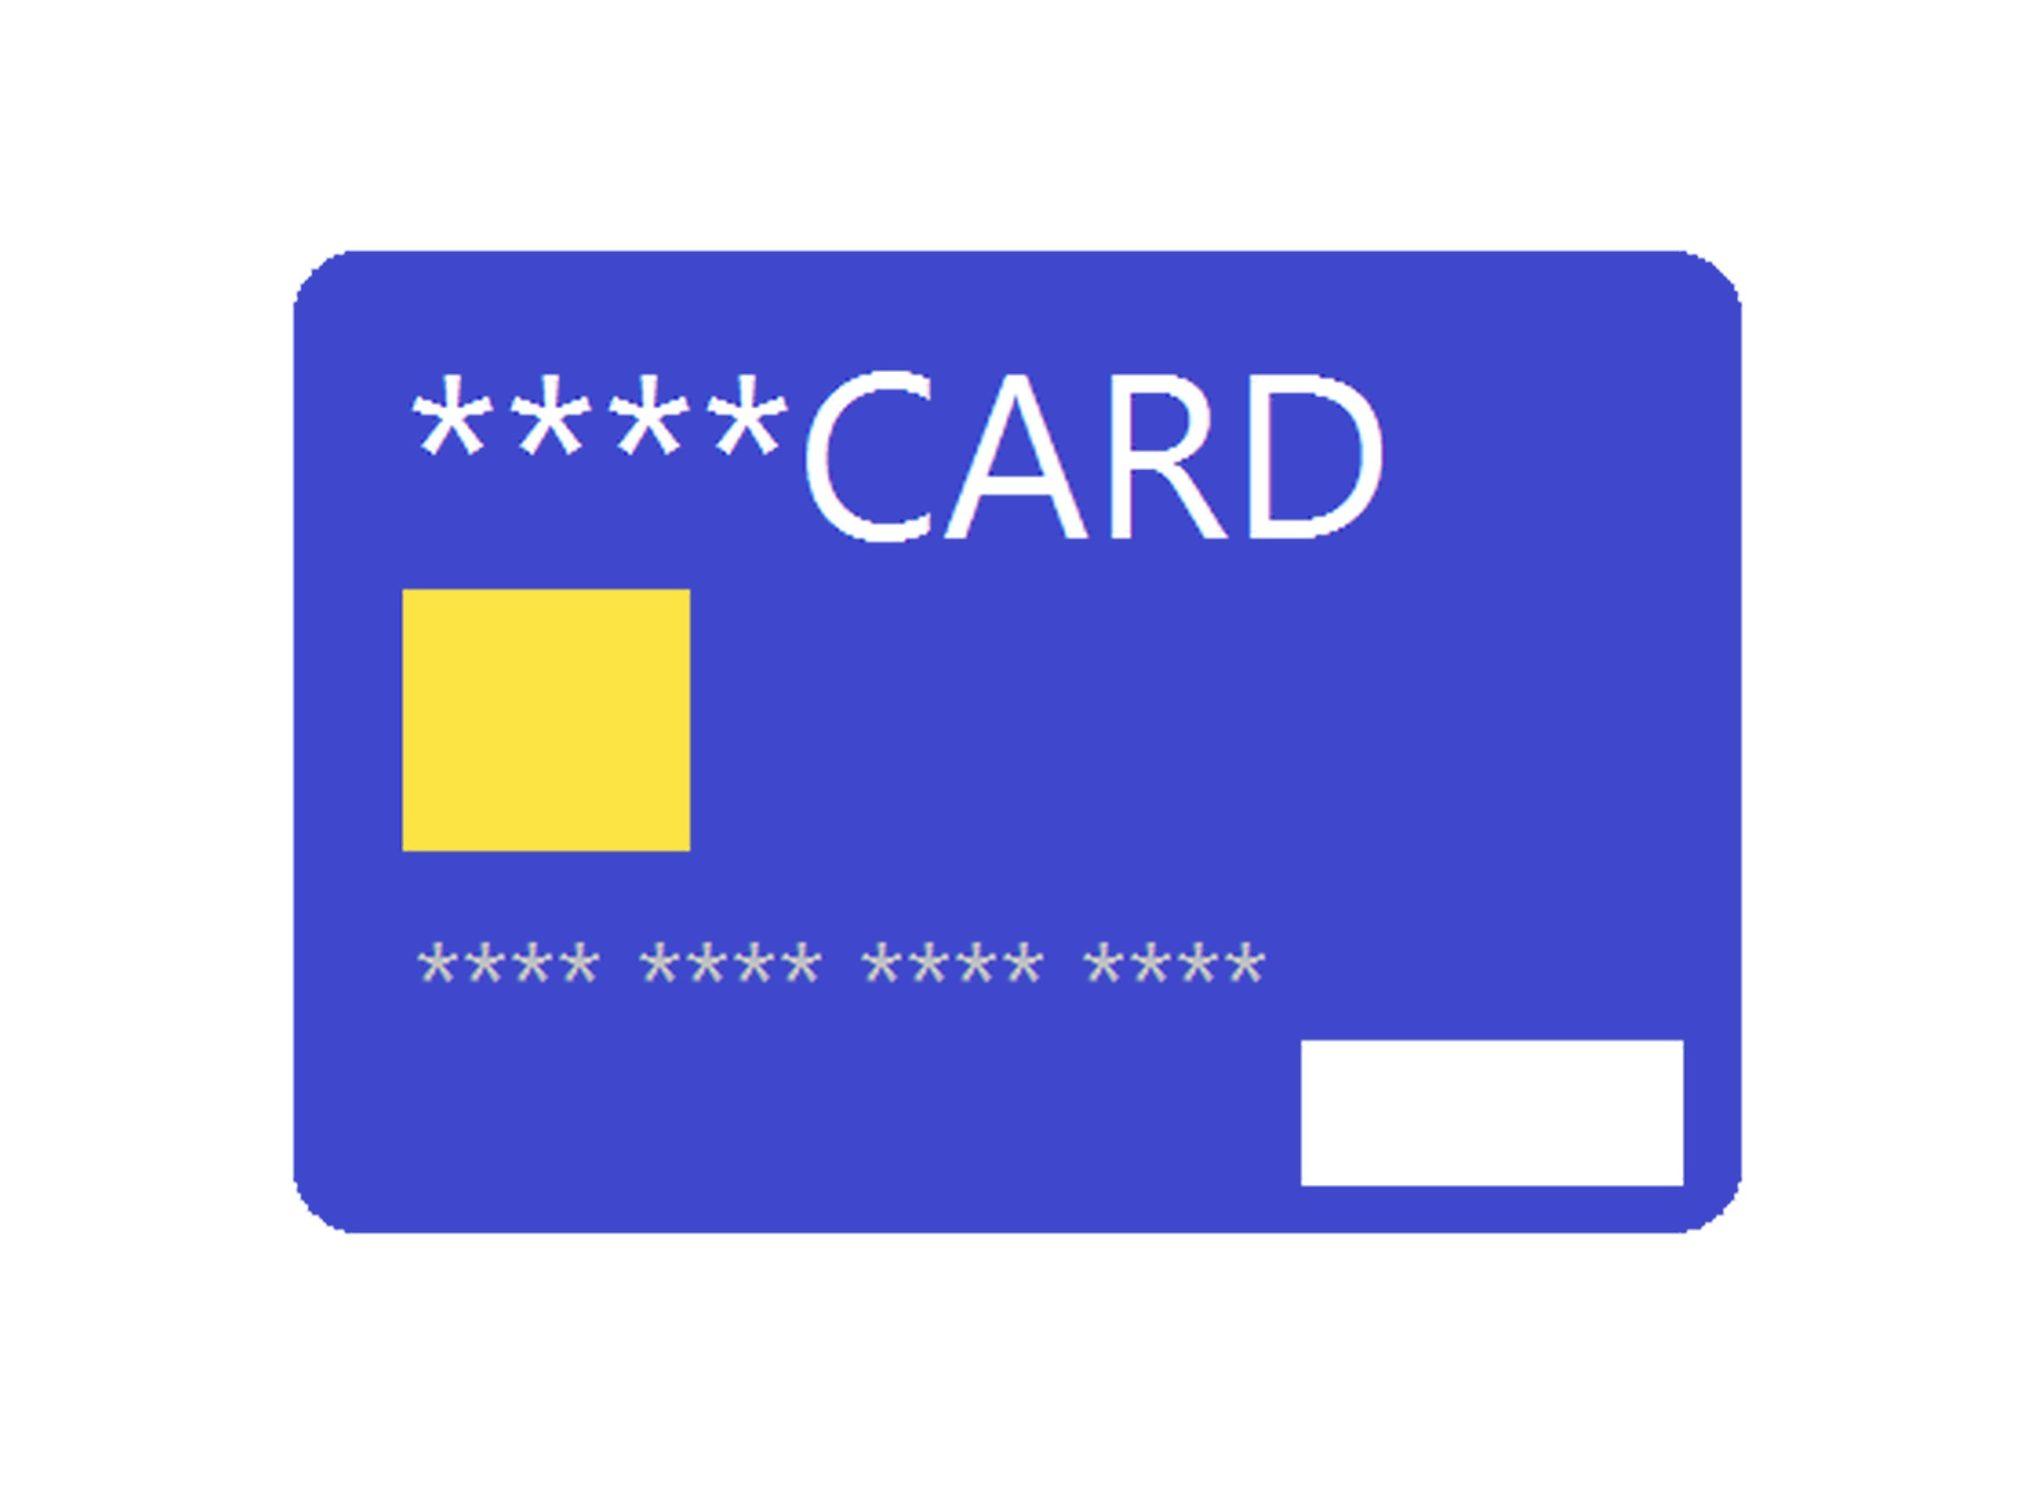 クレジットカードの絵